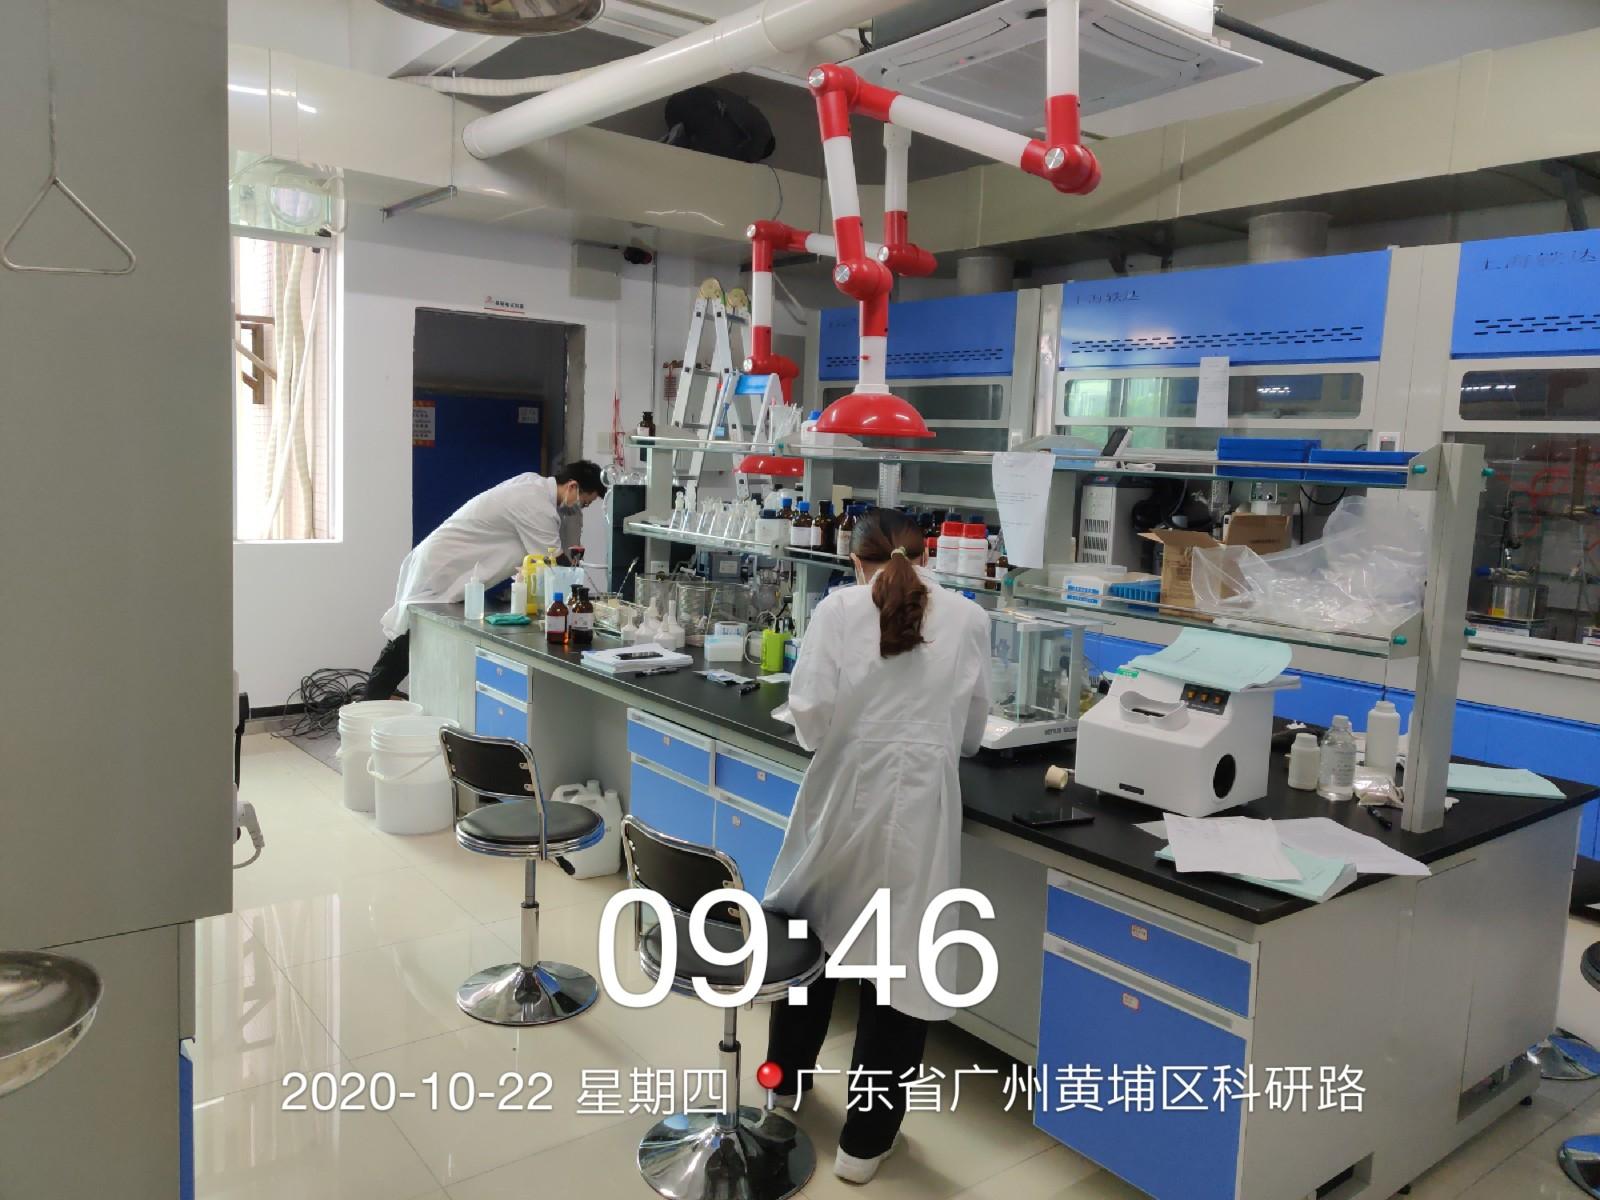 微信图片_202010221421435.jpg